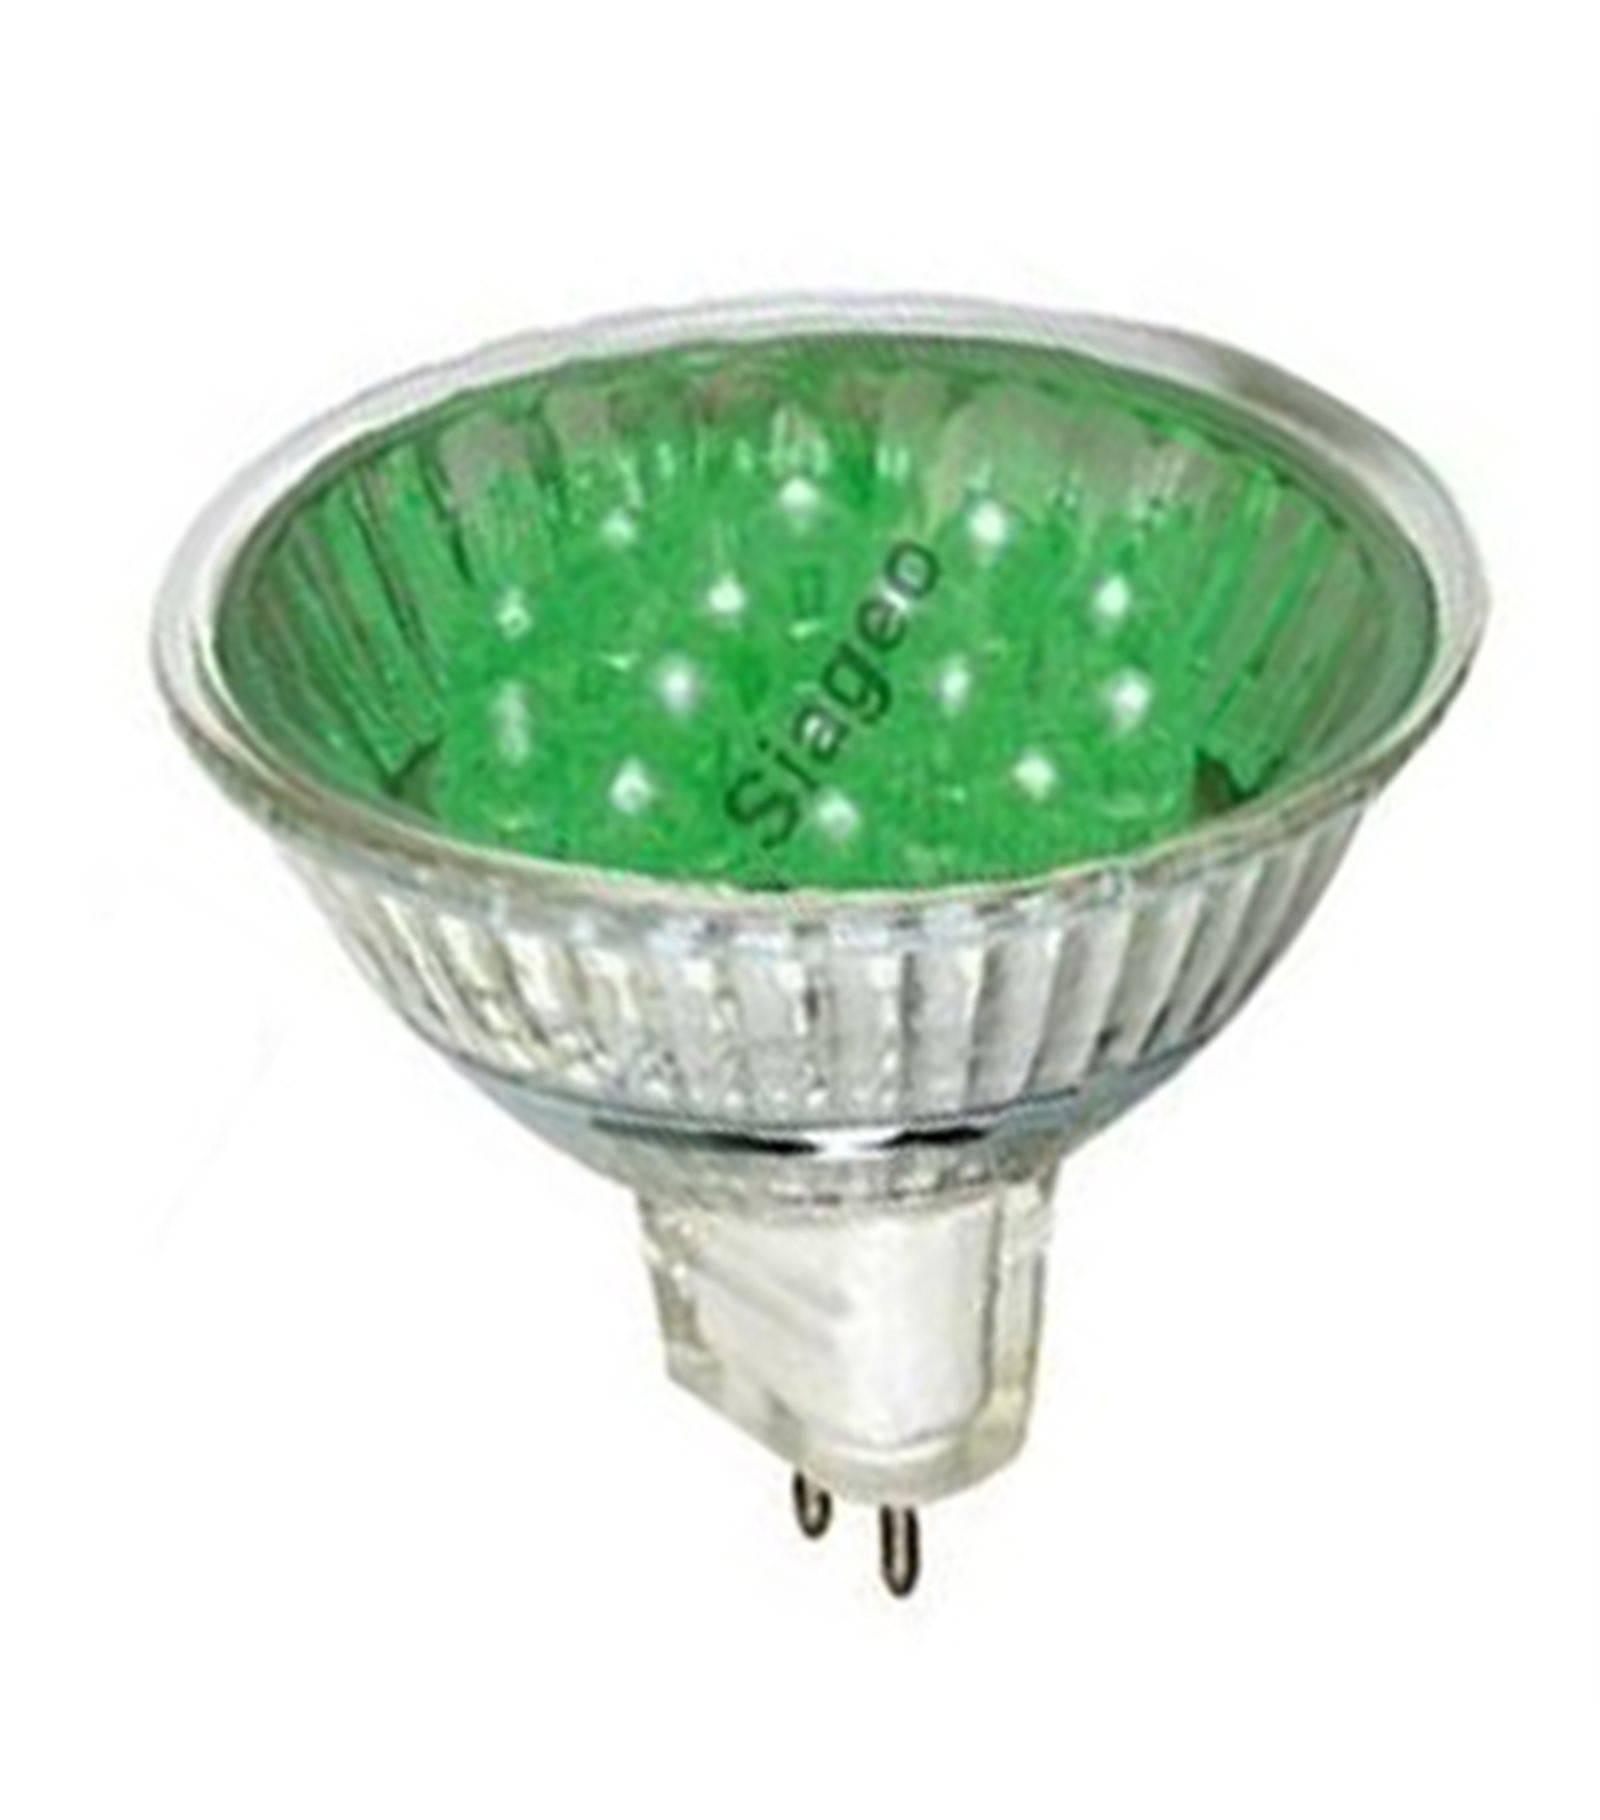 ampoule halog ne gu5 3 mr16 35w vert 12v kanlux ampoule halogene siageo. Black Bedroom Furniture Sets. Home Design Ideas